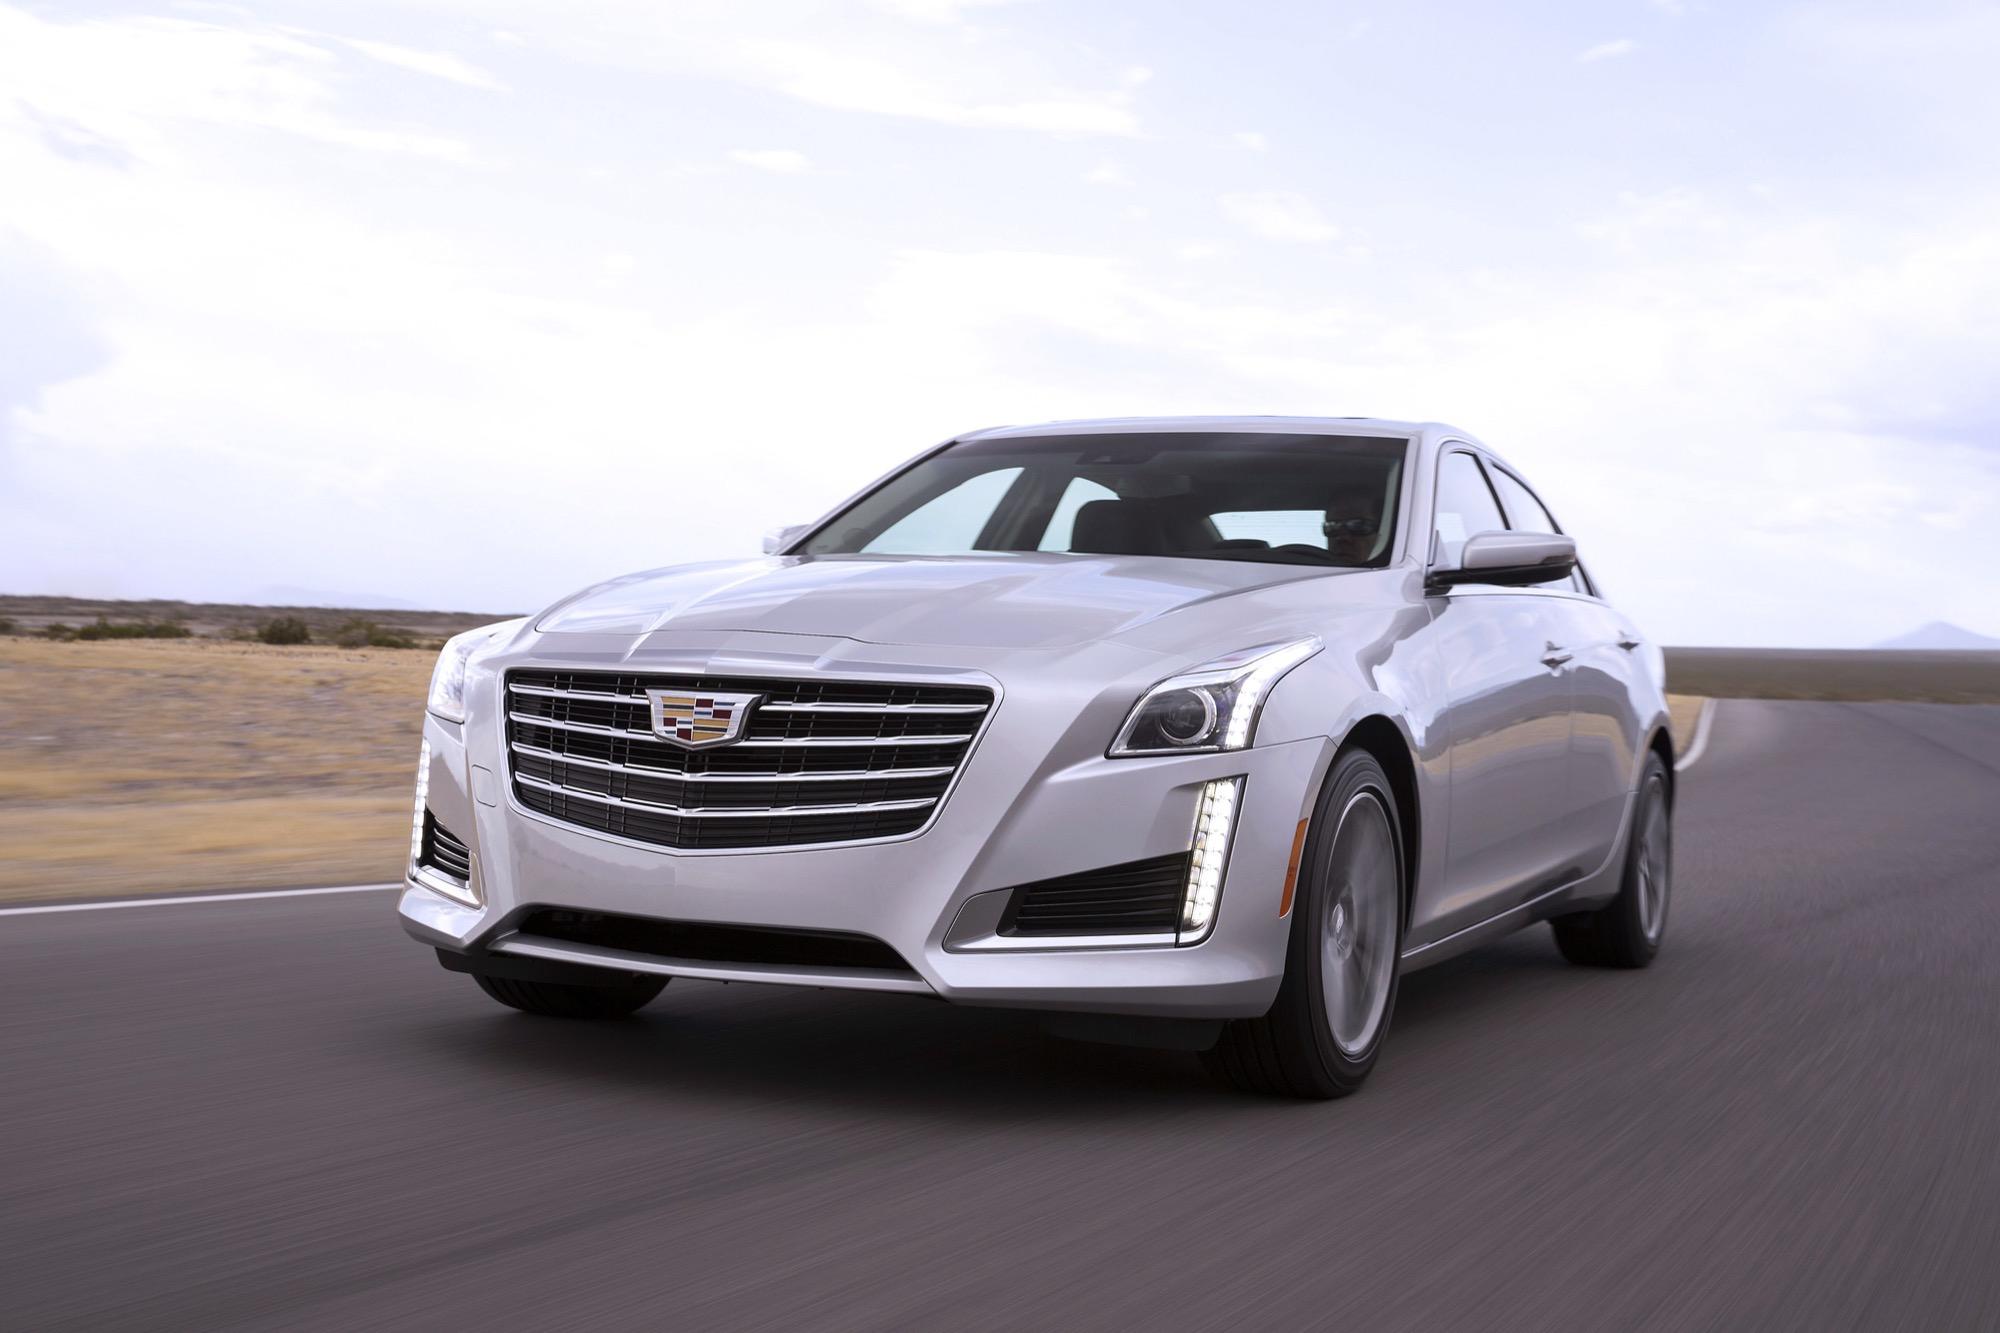 2020 Cadillac LTS Configurations